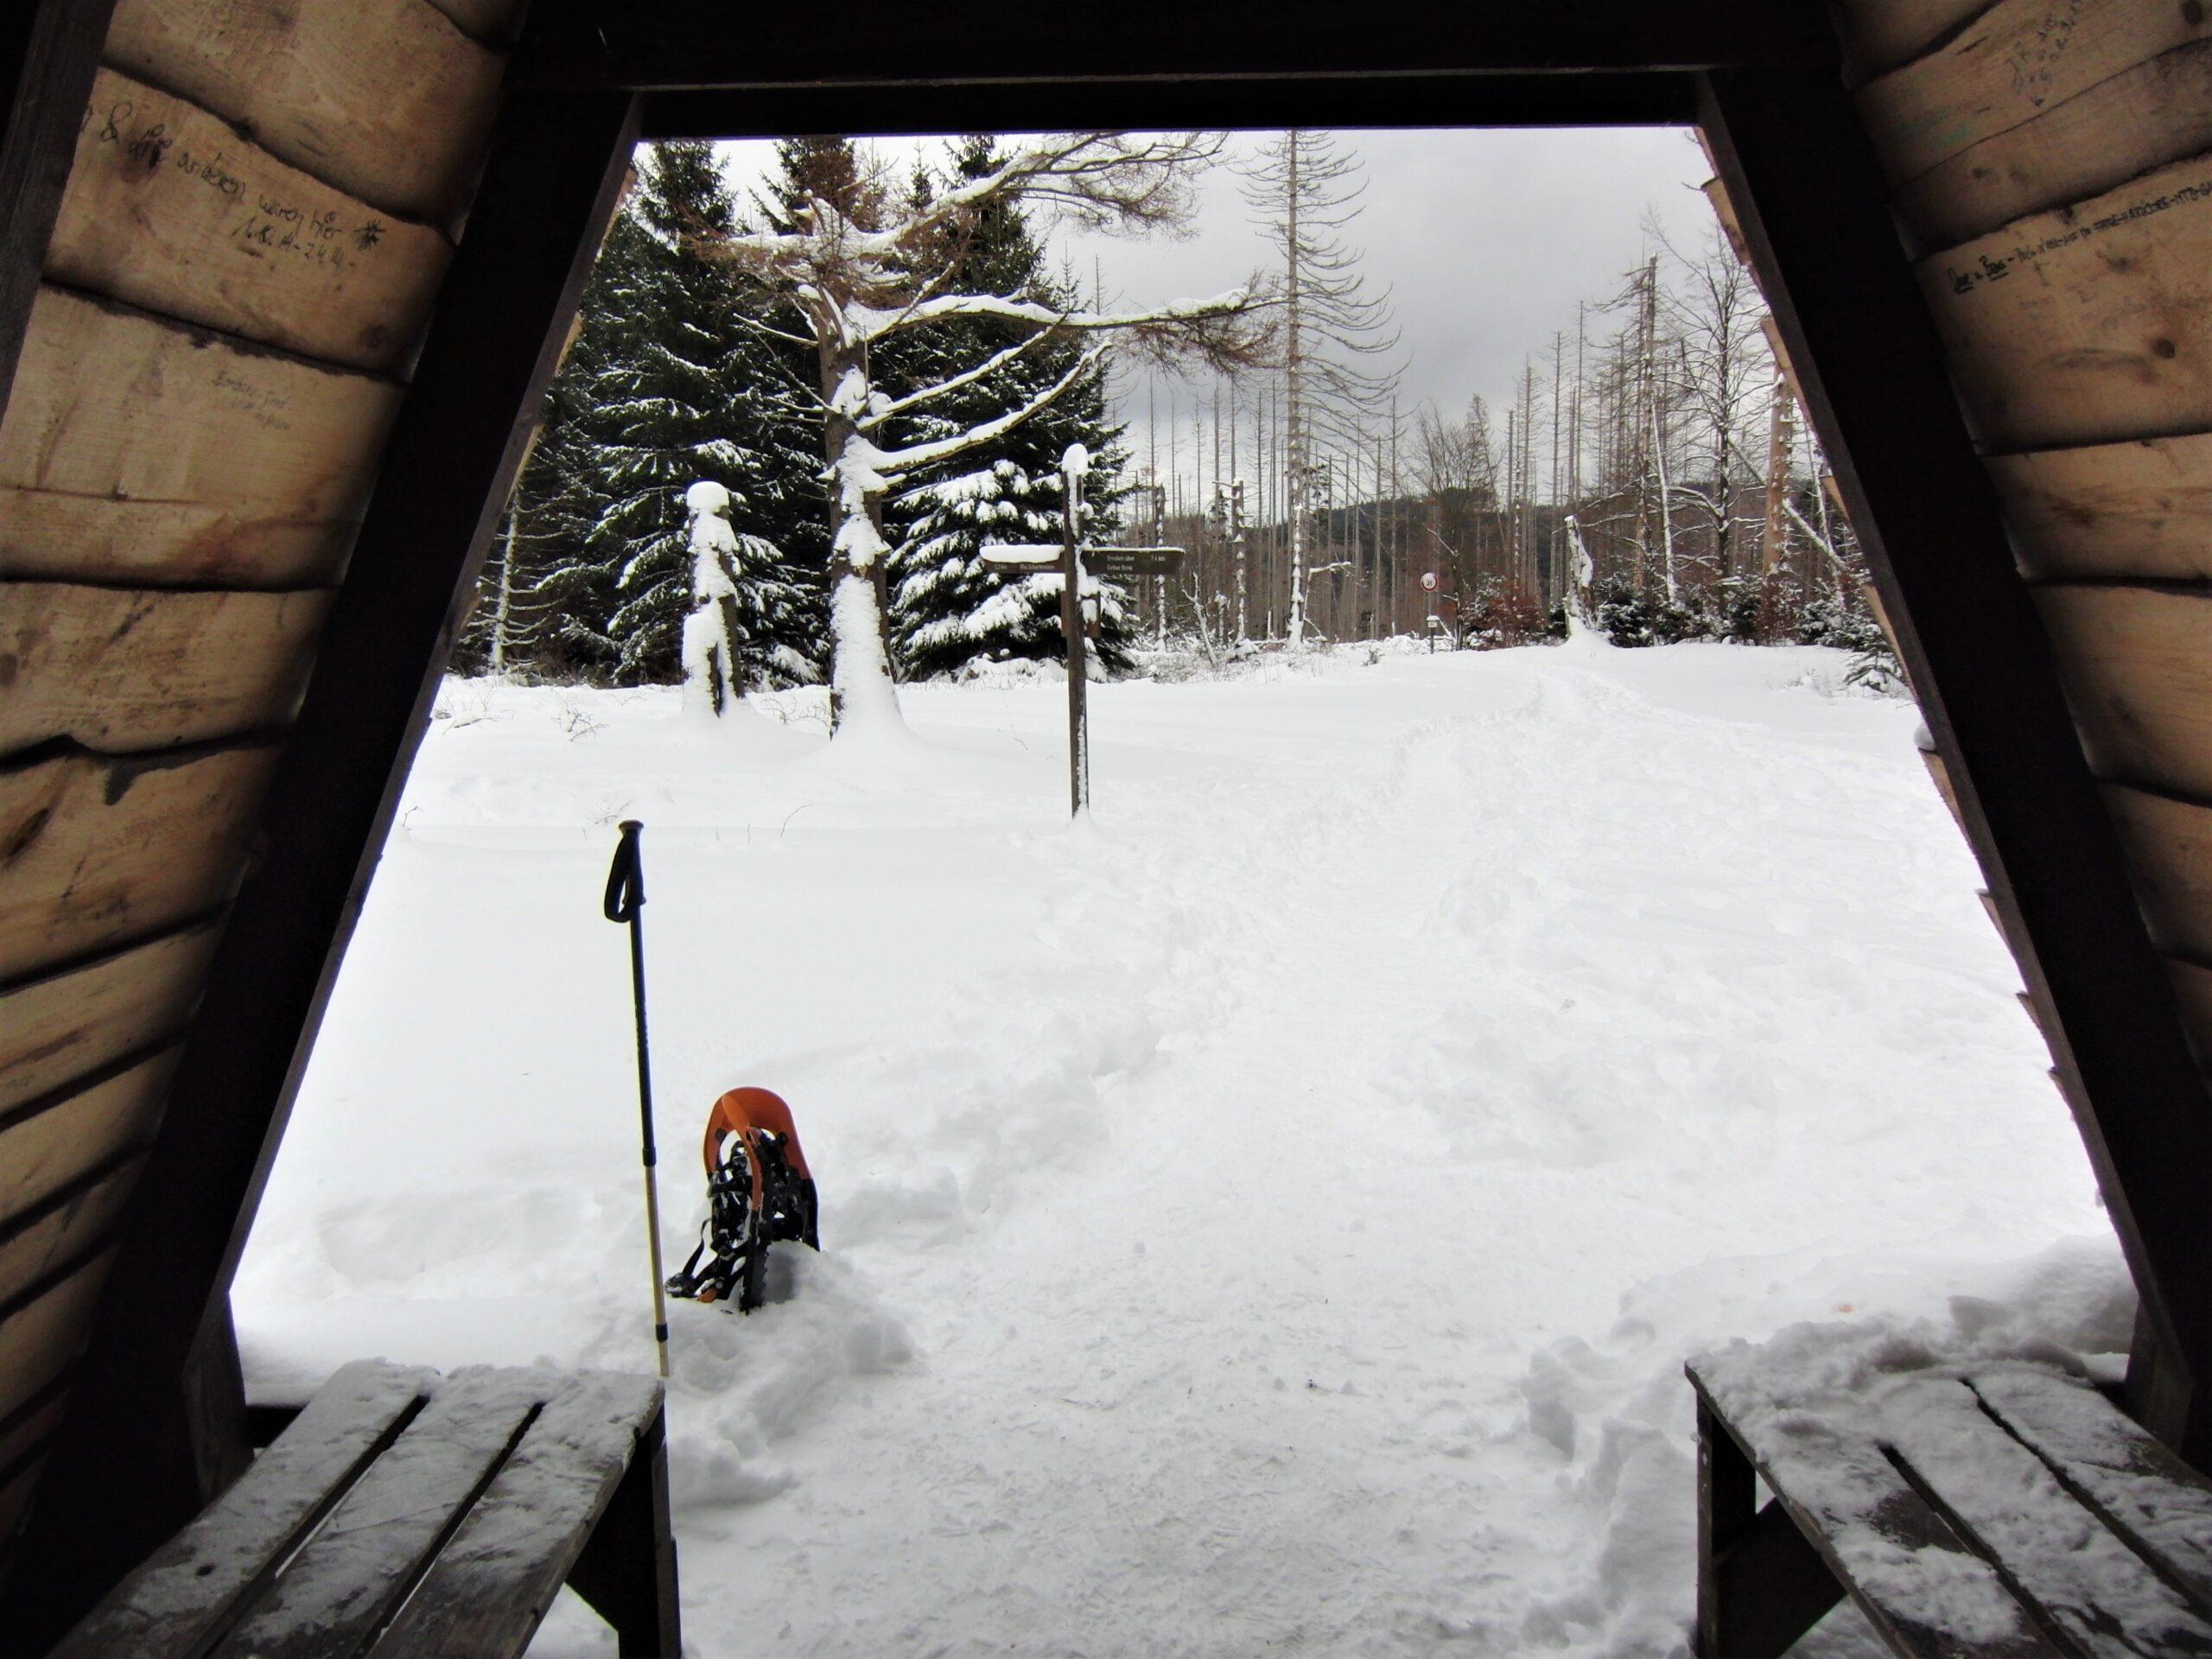 uitzicht op besneeuwd bos en sneeuwschoenen vanuit hutje